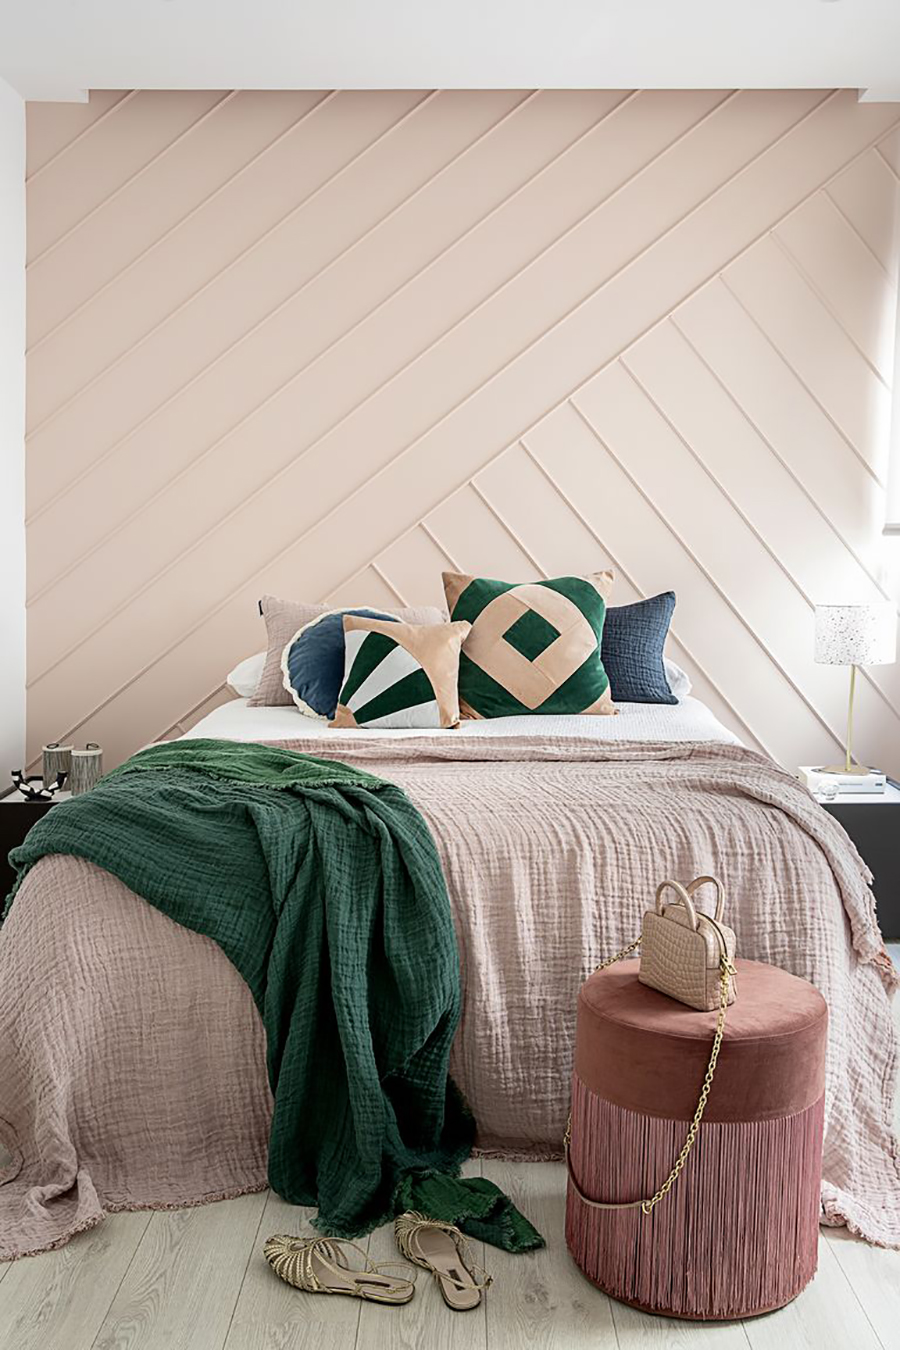 Dormitorio con pared adornada con molduras en líneas diagonales, formando un diseño.